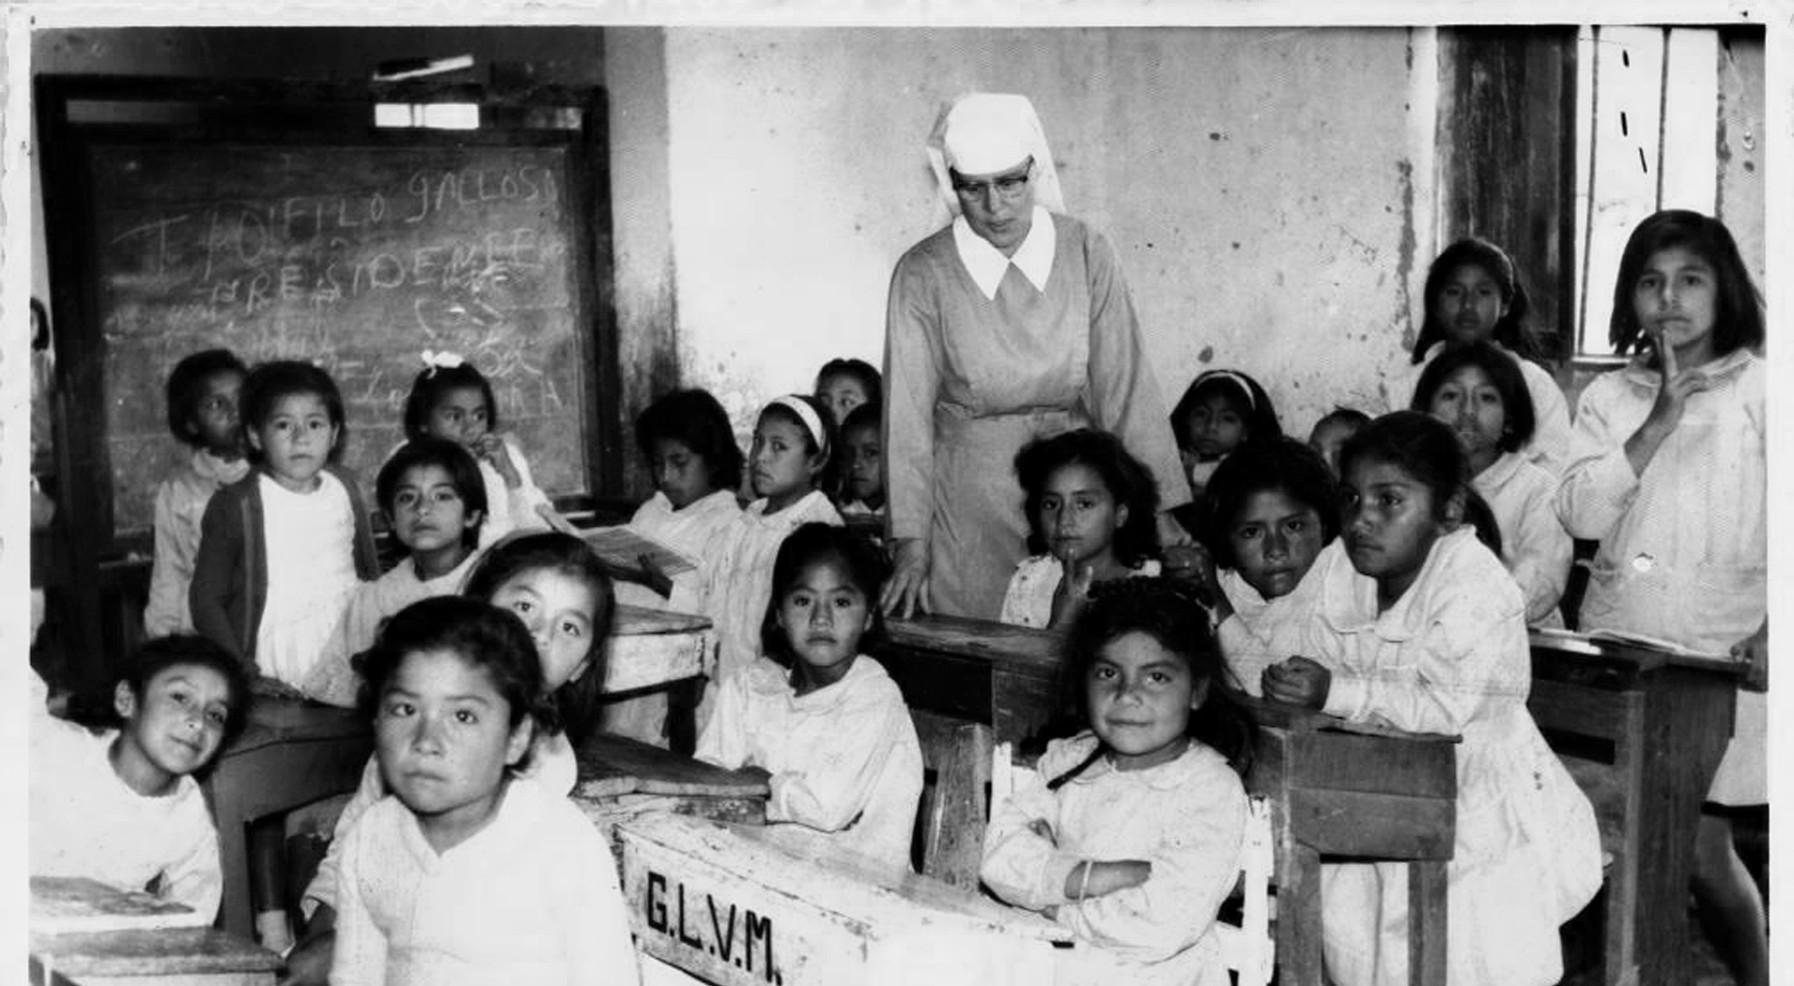 Sister Mary Mark Gerken teaching in Peru in 1965.